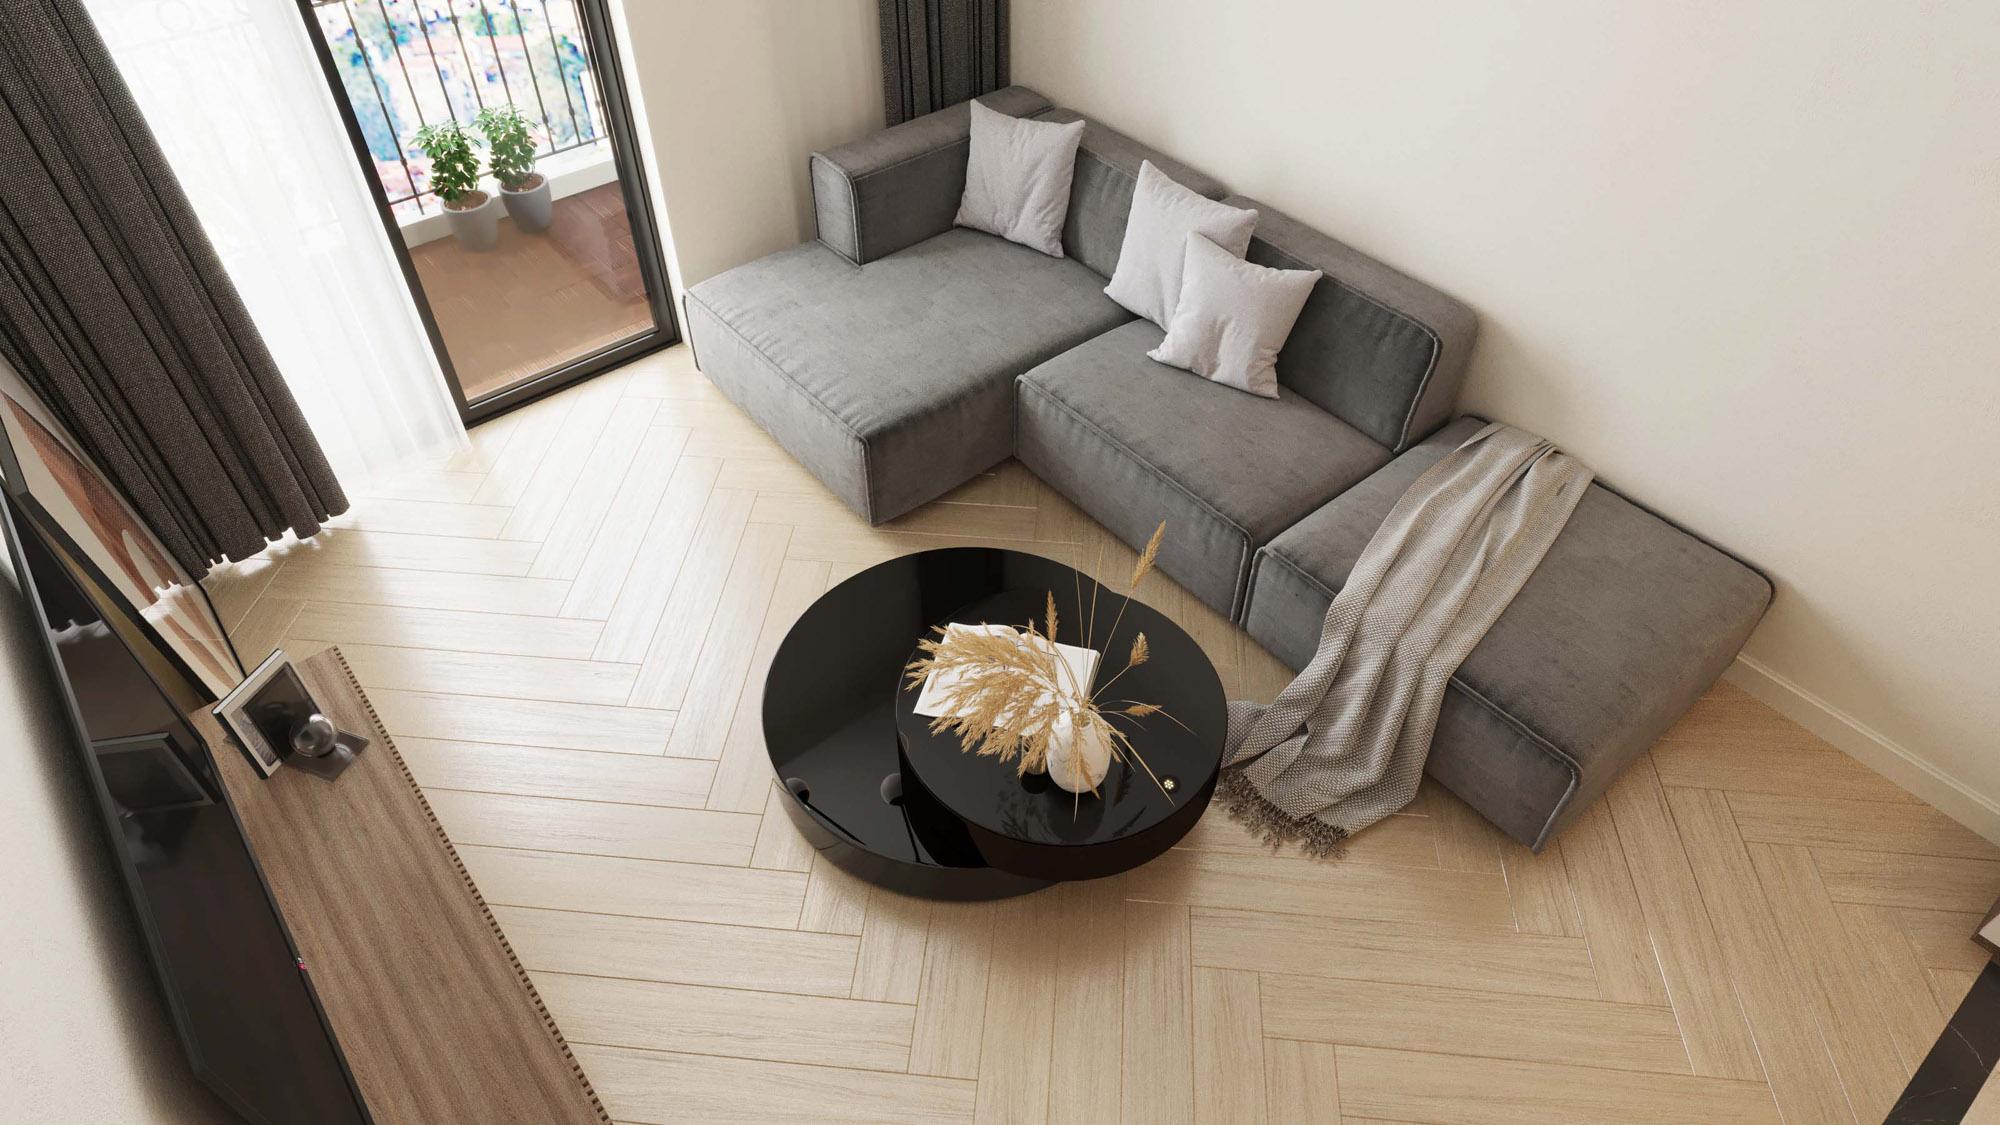 Ảnh 6: Gạch Slimtech giúp việc xây mới, cải tạo nhà ở trở nên đơn giản hơn khi không cần thay mới hệ thống nội thất, cửa ra vào